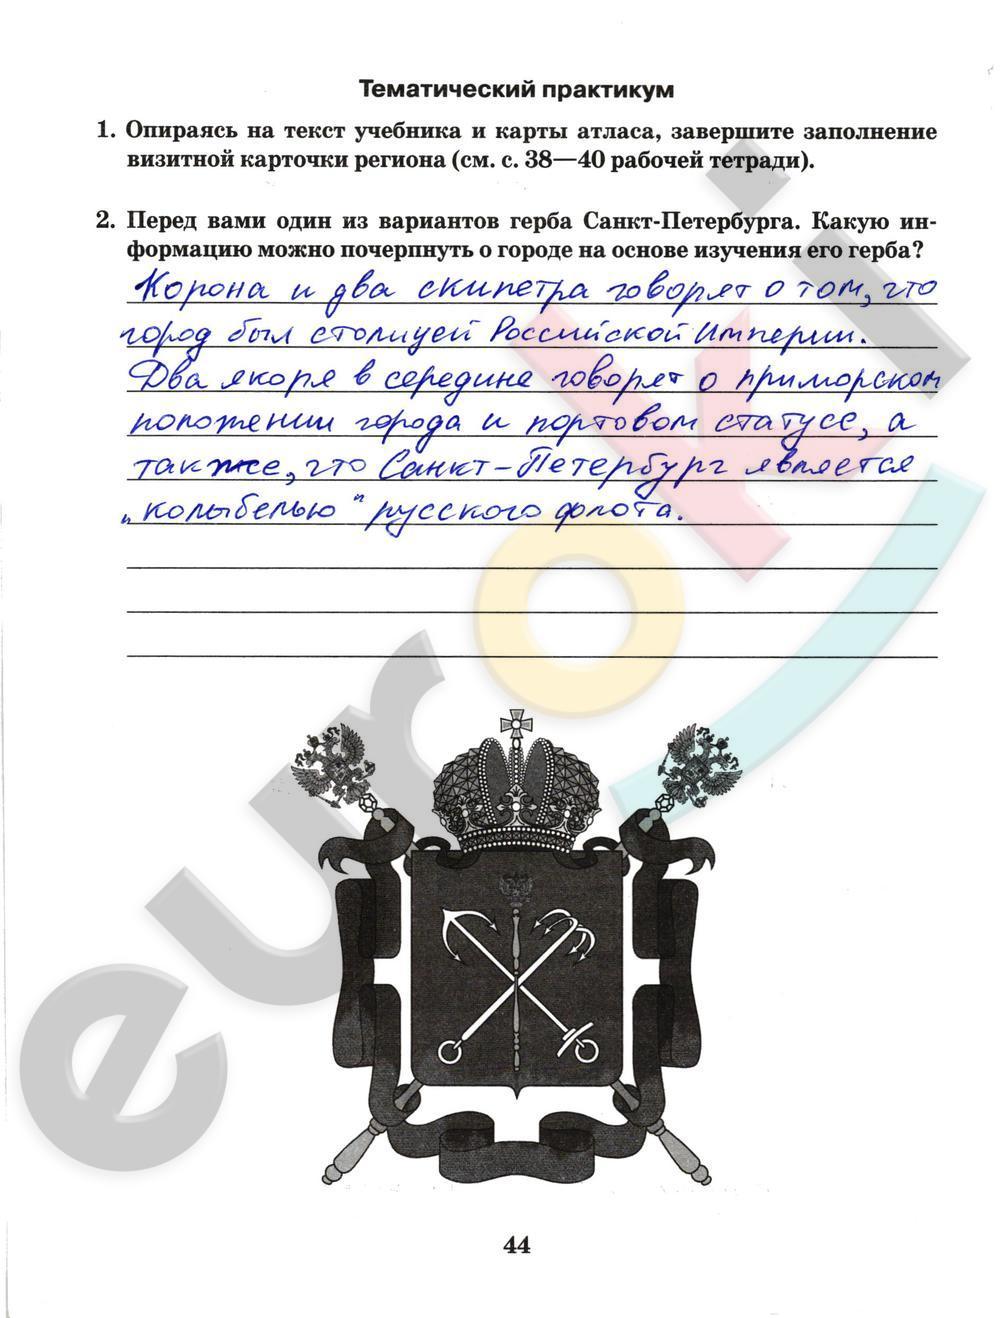 ГДЗ по географии 9 класс рабочая тетрадь Домогацких Часть 1, 2. Задание: стр. 44